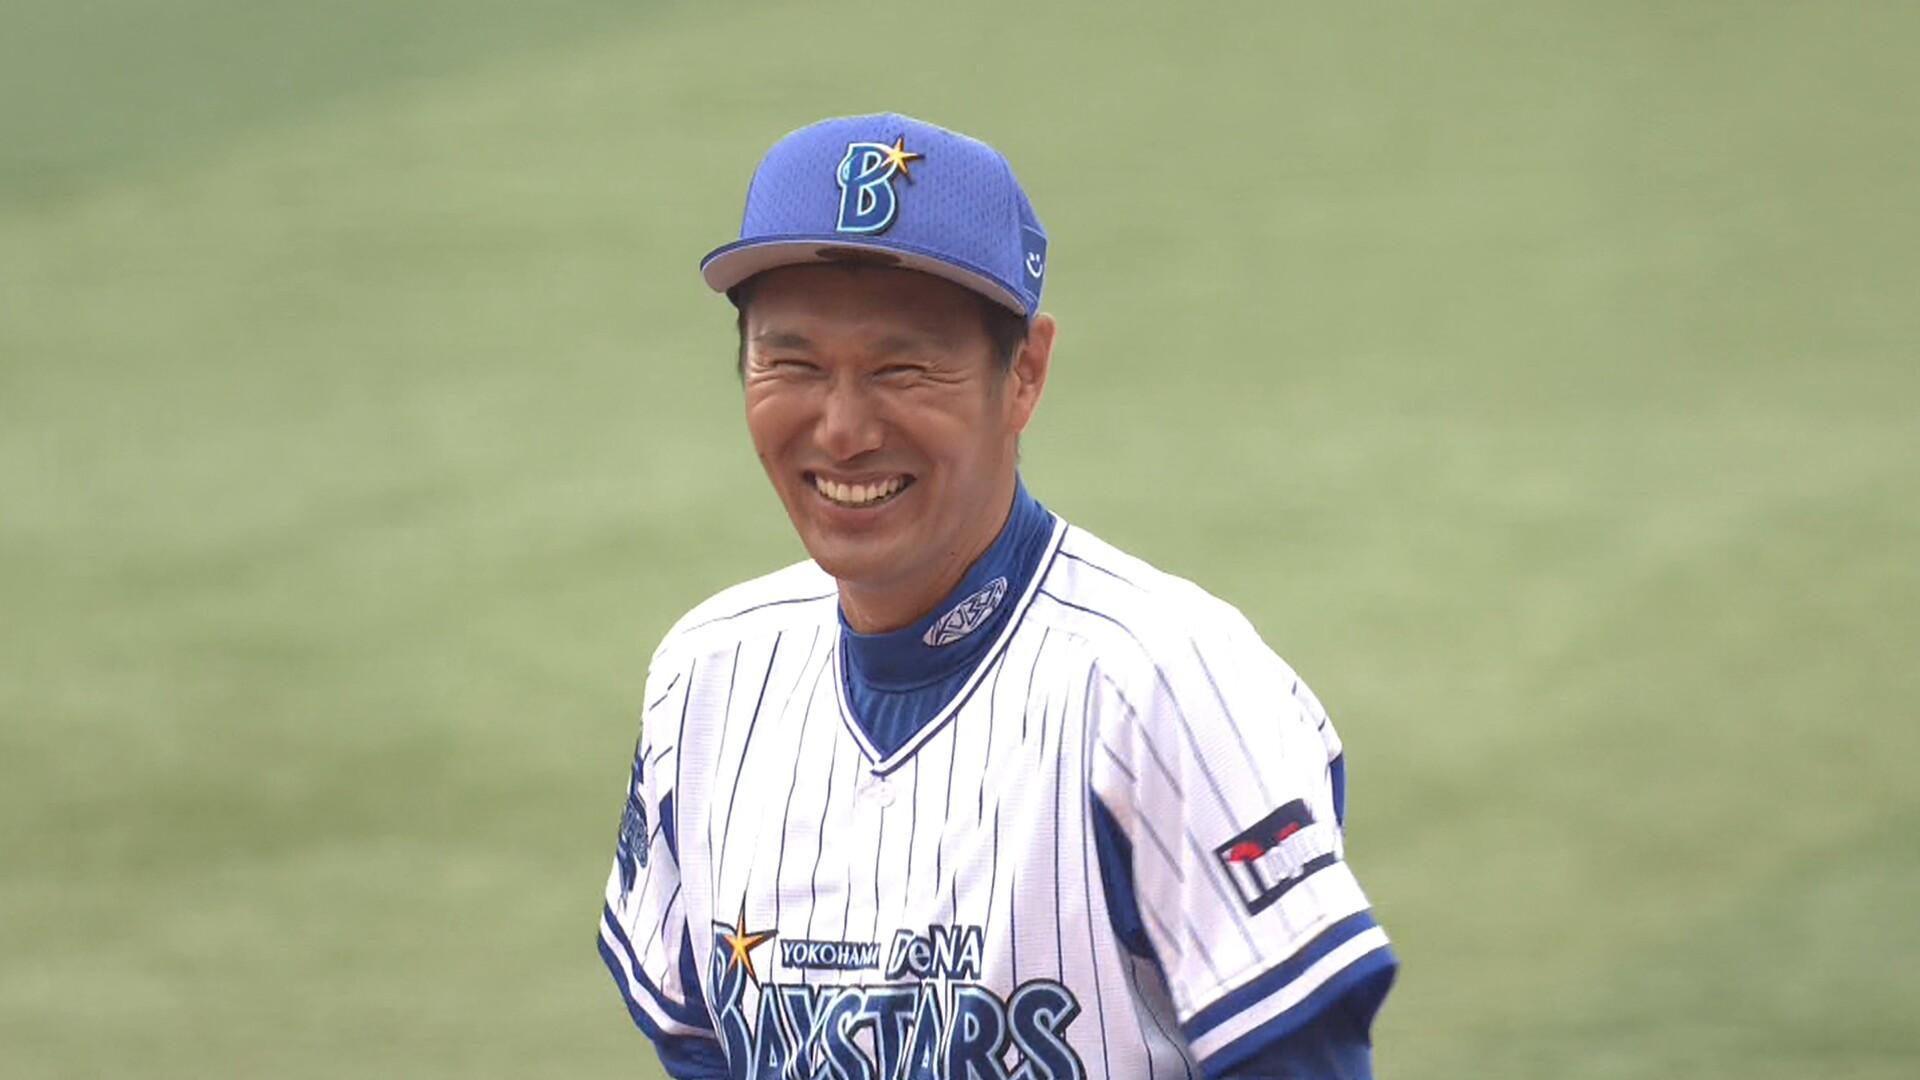 久保康友さん、里崎さんとのOB対決で140キロを投げ込むwwww